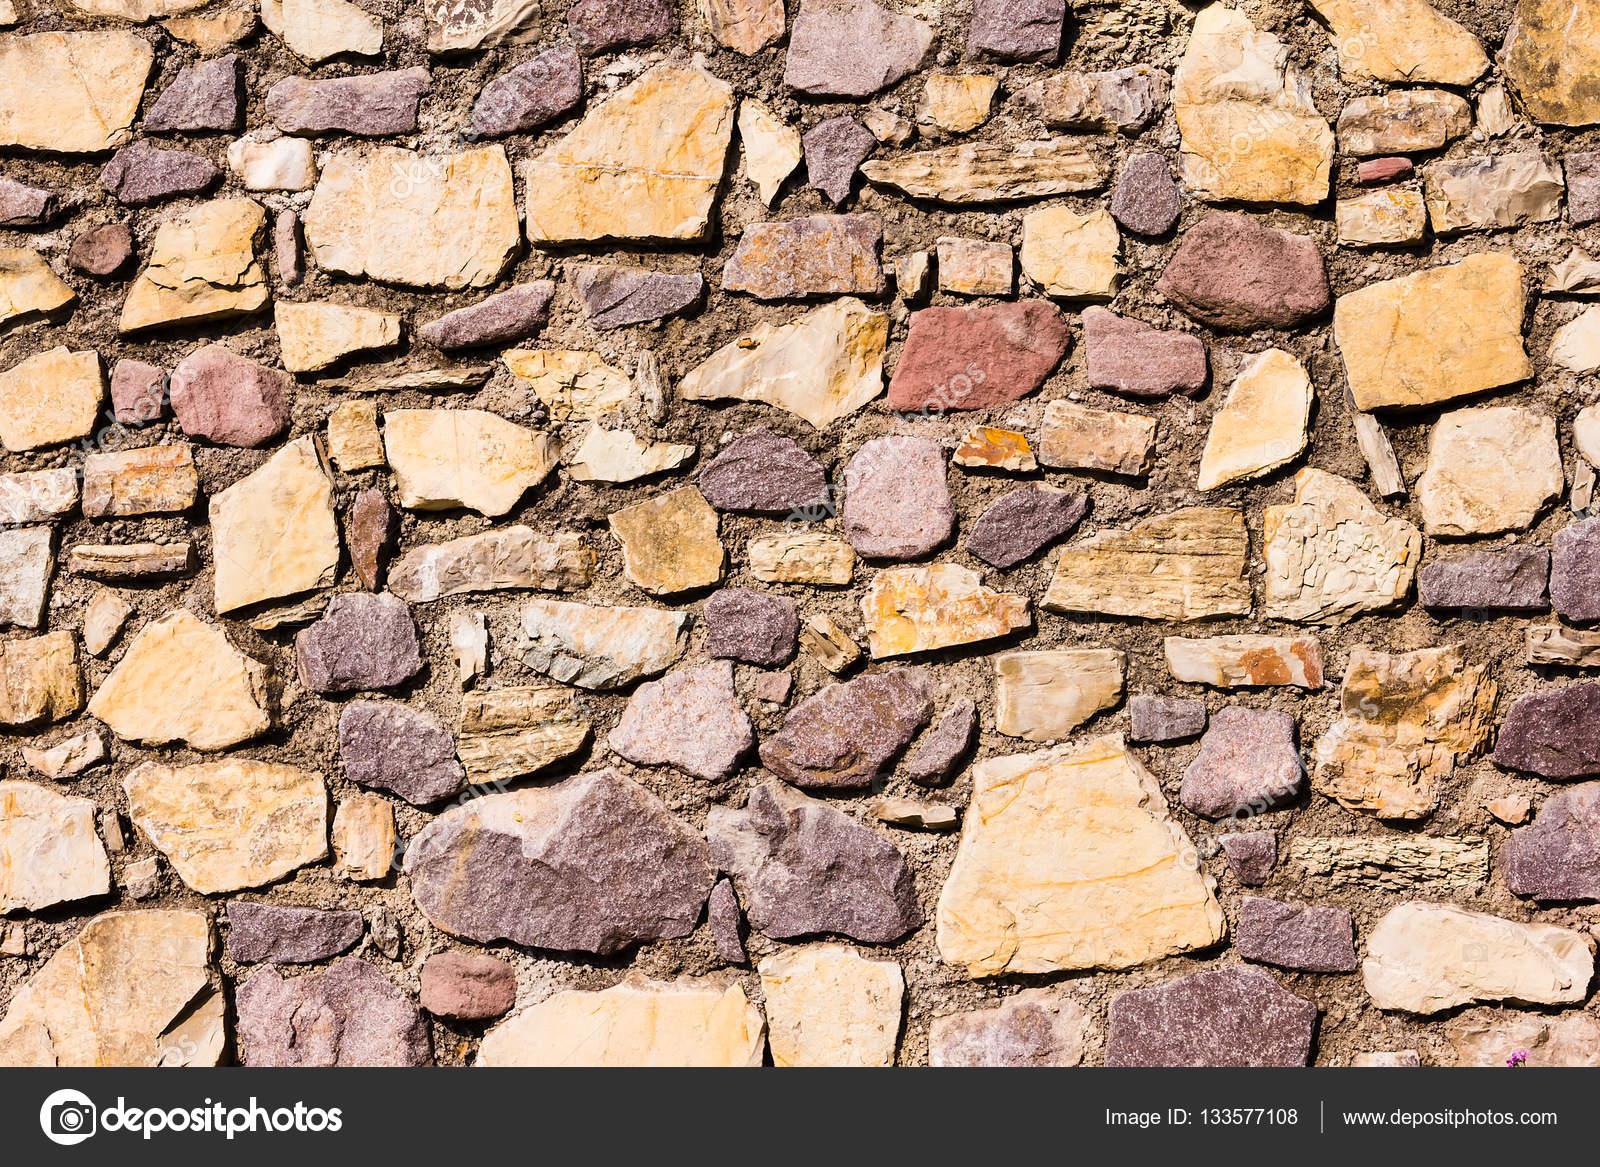 couleur de gris r el mod le de mur en pierre de style moderne design d coratif fissur surface. Black Bedroom Furniture Sets. Home Design Ideas